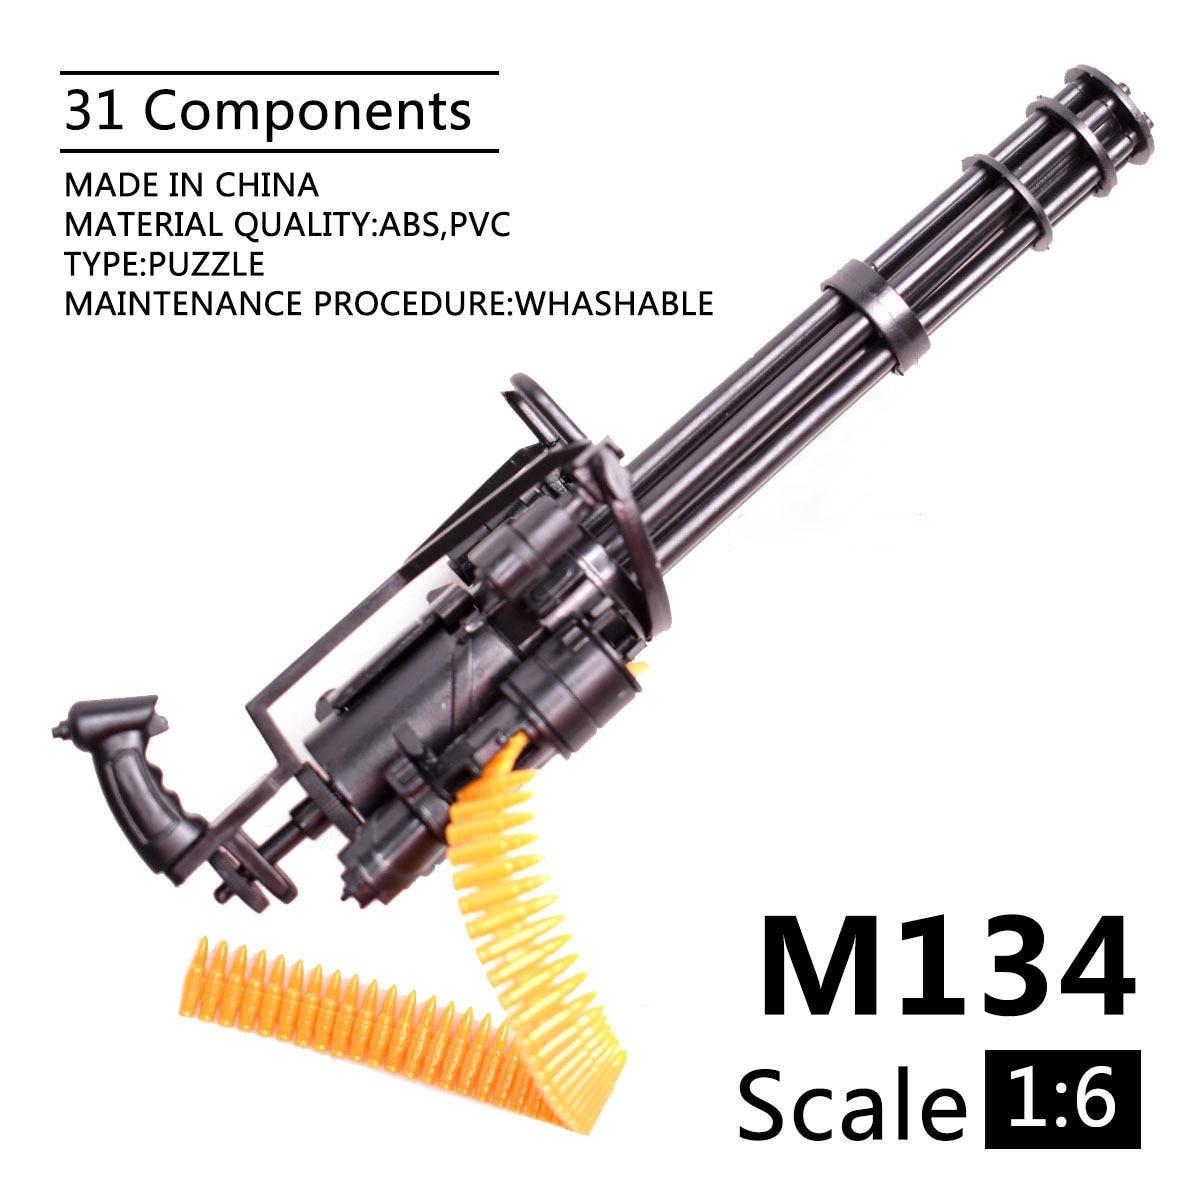 Gatling 4D assembléia arma de brinquedo, 1:6 arma de brinquedo, 1/6 M134 Metralhadora Gatling arma de brinquedo